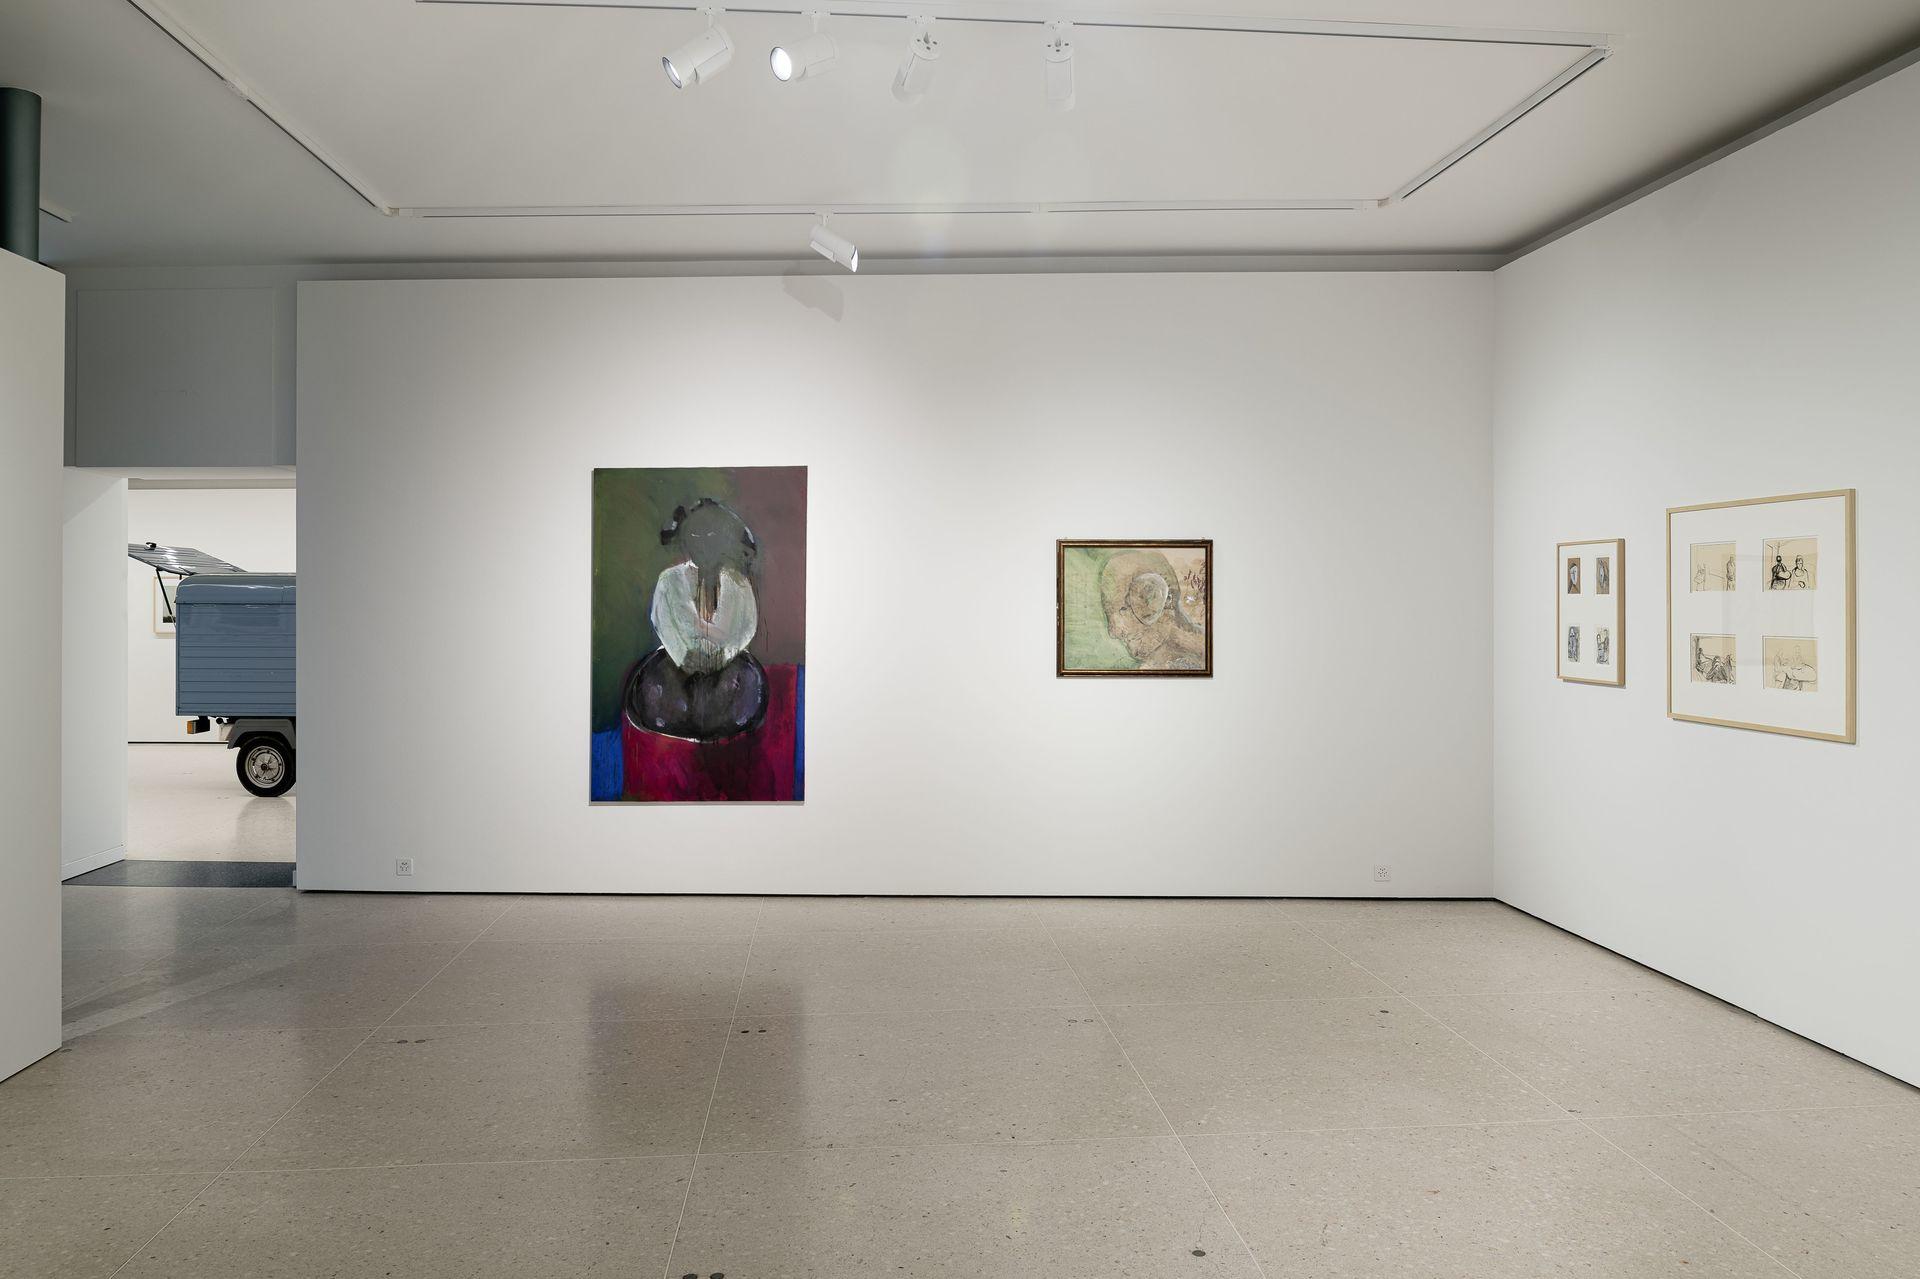 ZuZug aus Osteuropa_Positionen der Sammlung Ausstellungsansicht mit Werken von Tomas Kratky und Roman Signer. Foto©Jorit Aust 2021.jpg